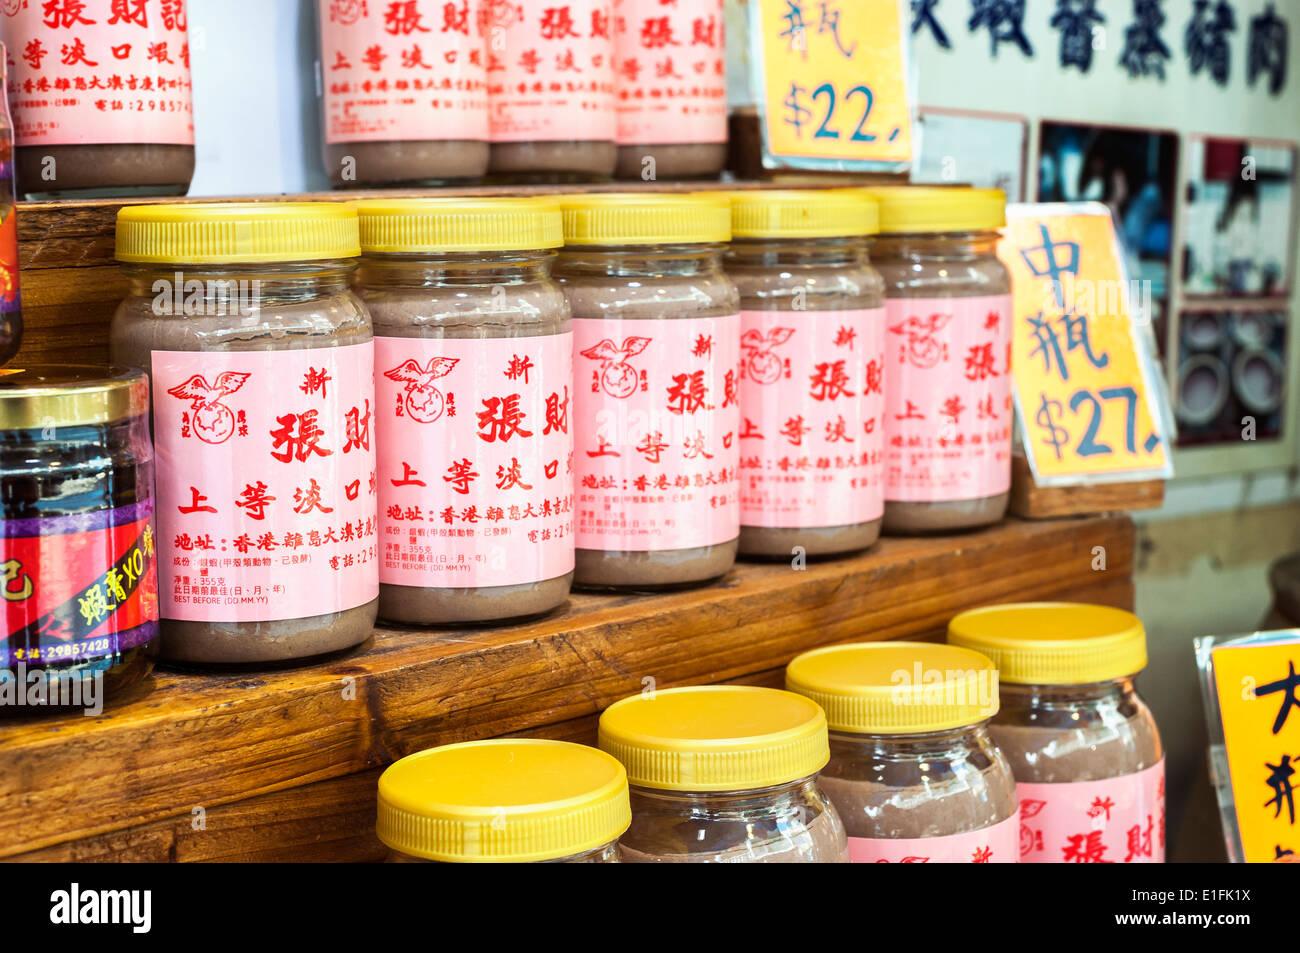 Jars of shrimp paste on sale in Tai O village, Lantau Island, Hong Kong - Stock Image